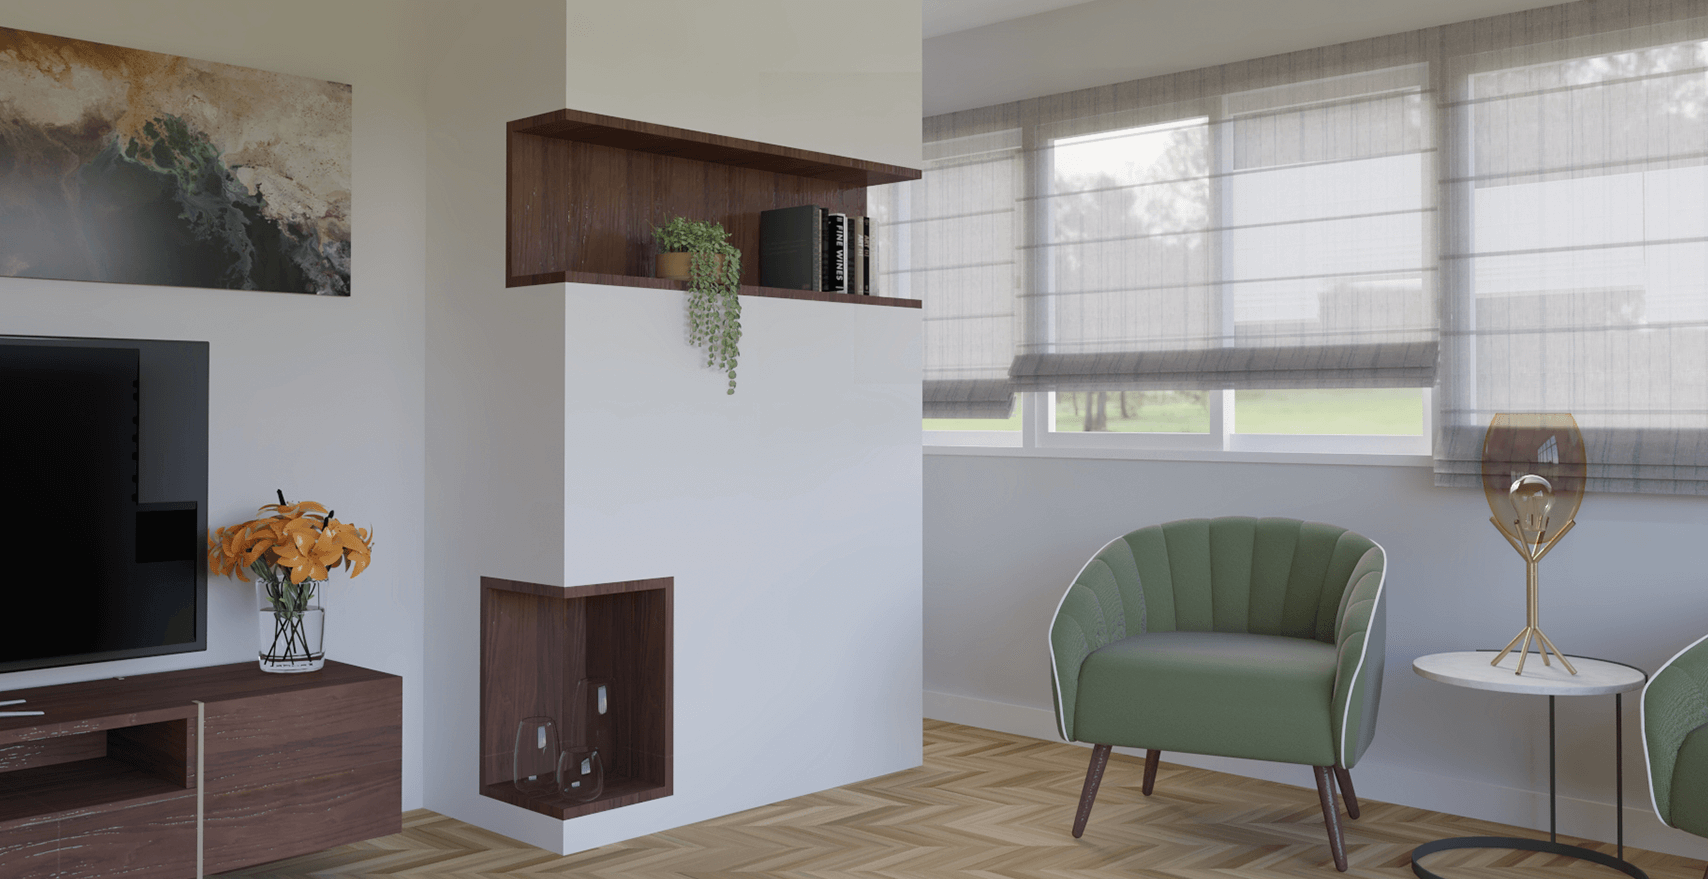 Mumarq Interiorismo y Arquitectura - Diseño de mobiliario